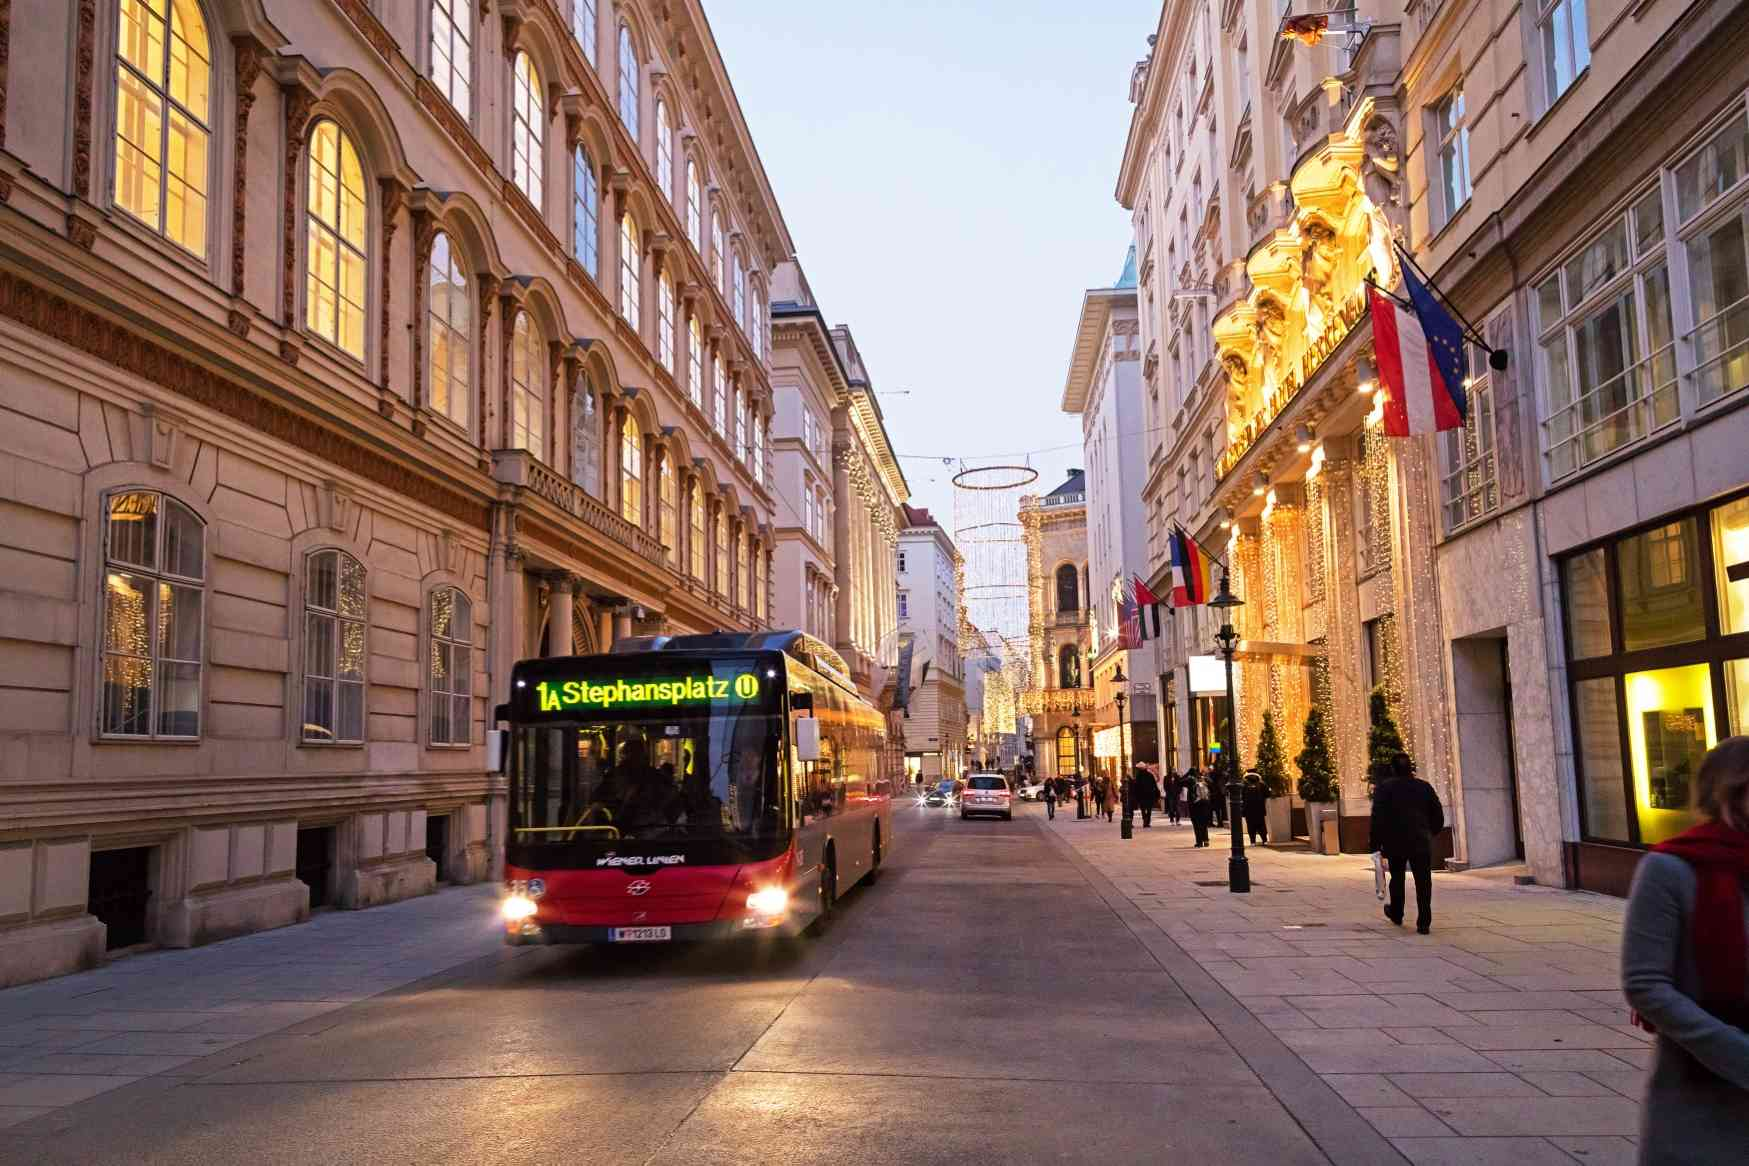 Bus der Linie 1A in der Herrengasse Richtung Stephansplatz.